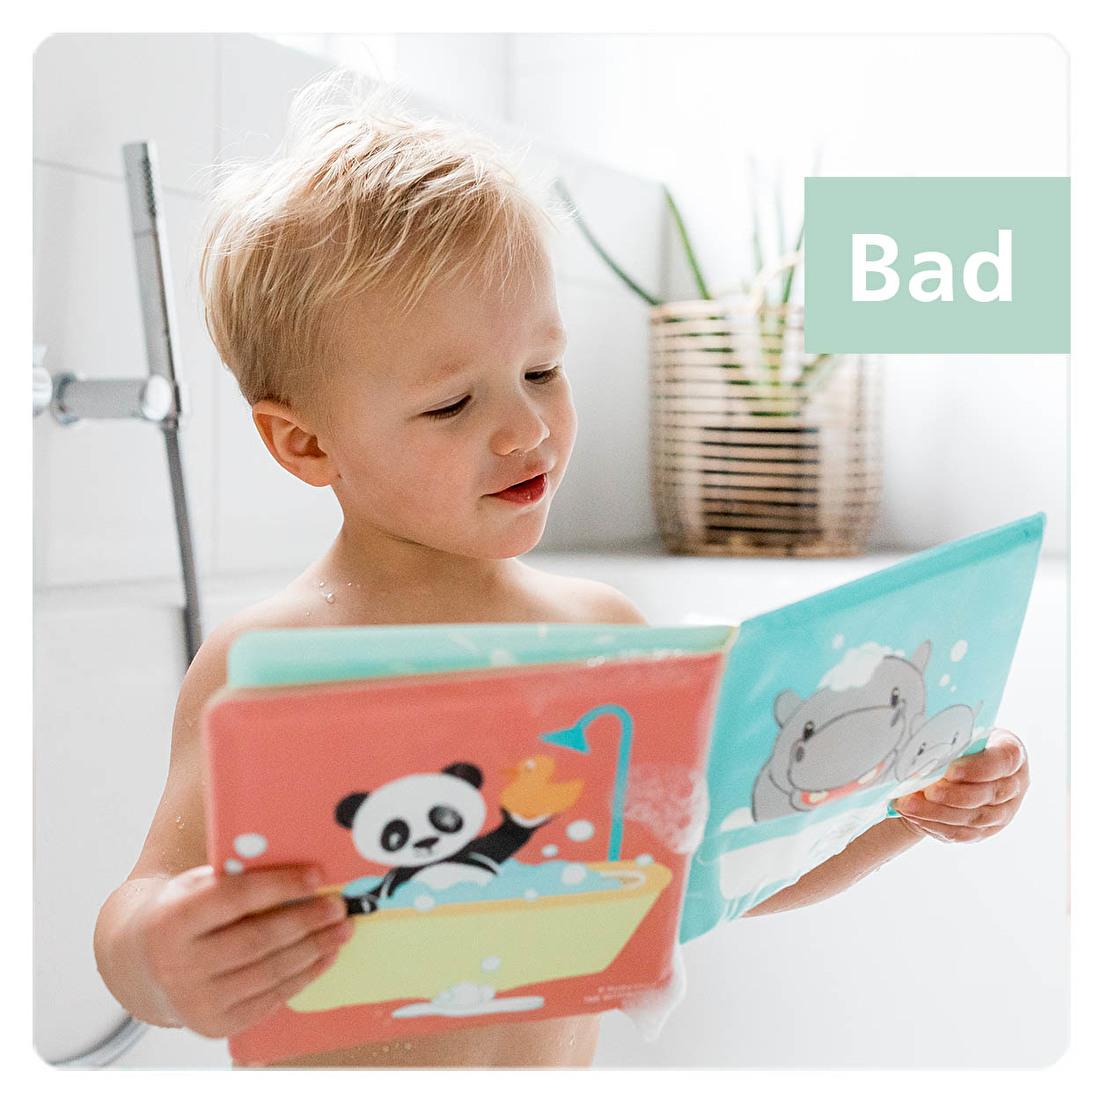 Badboekjes speelgoed voor in bad boekjes en faam